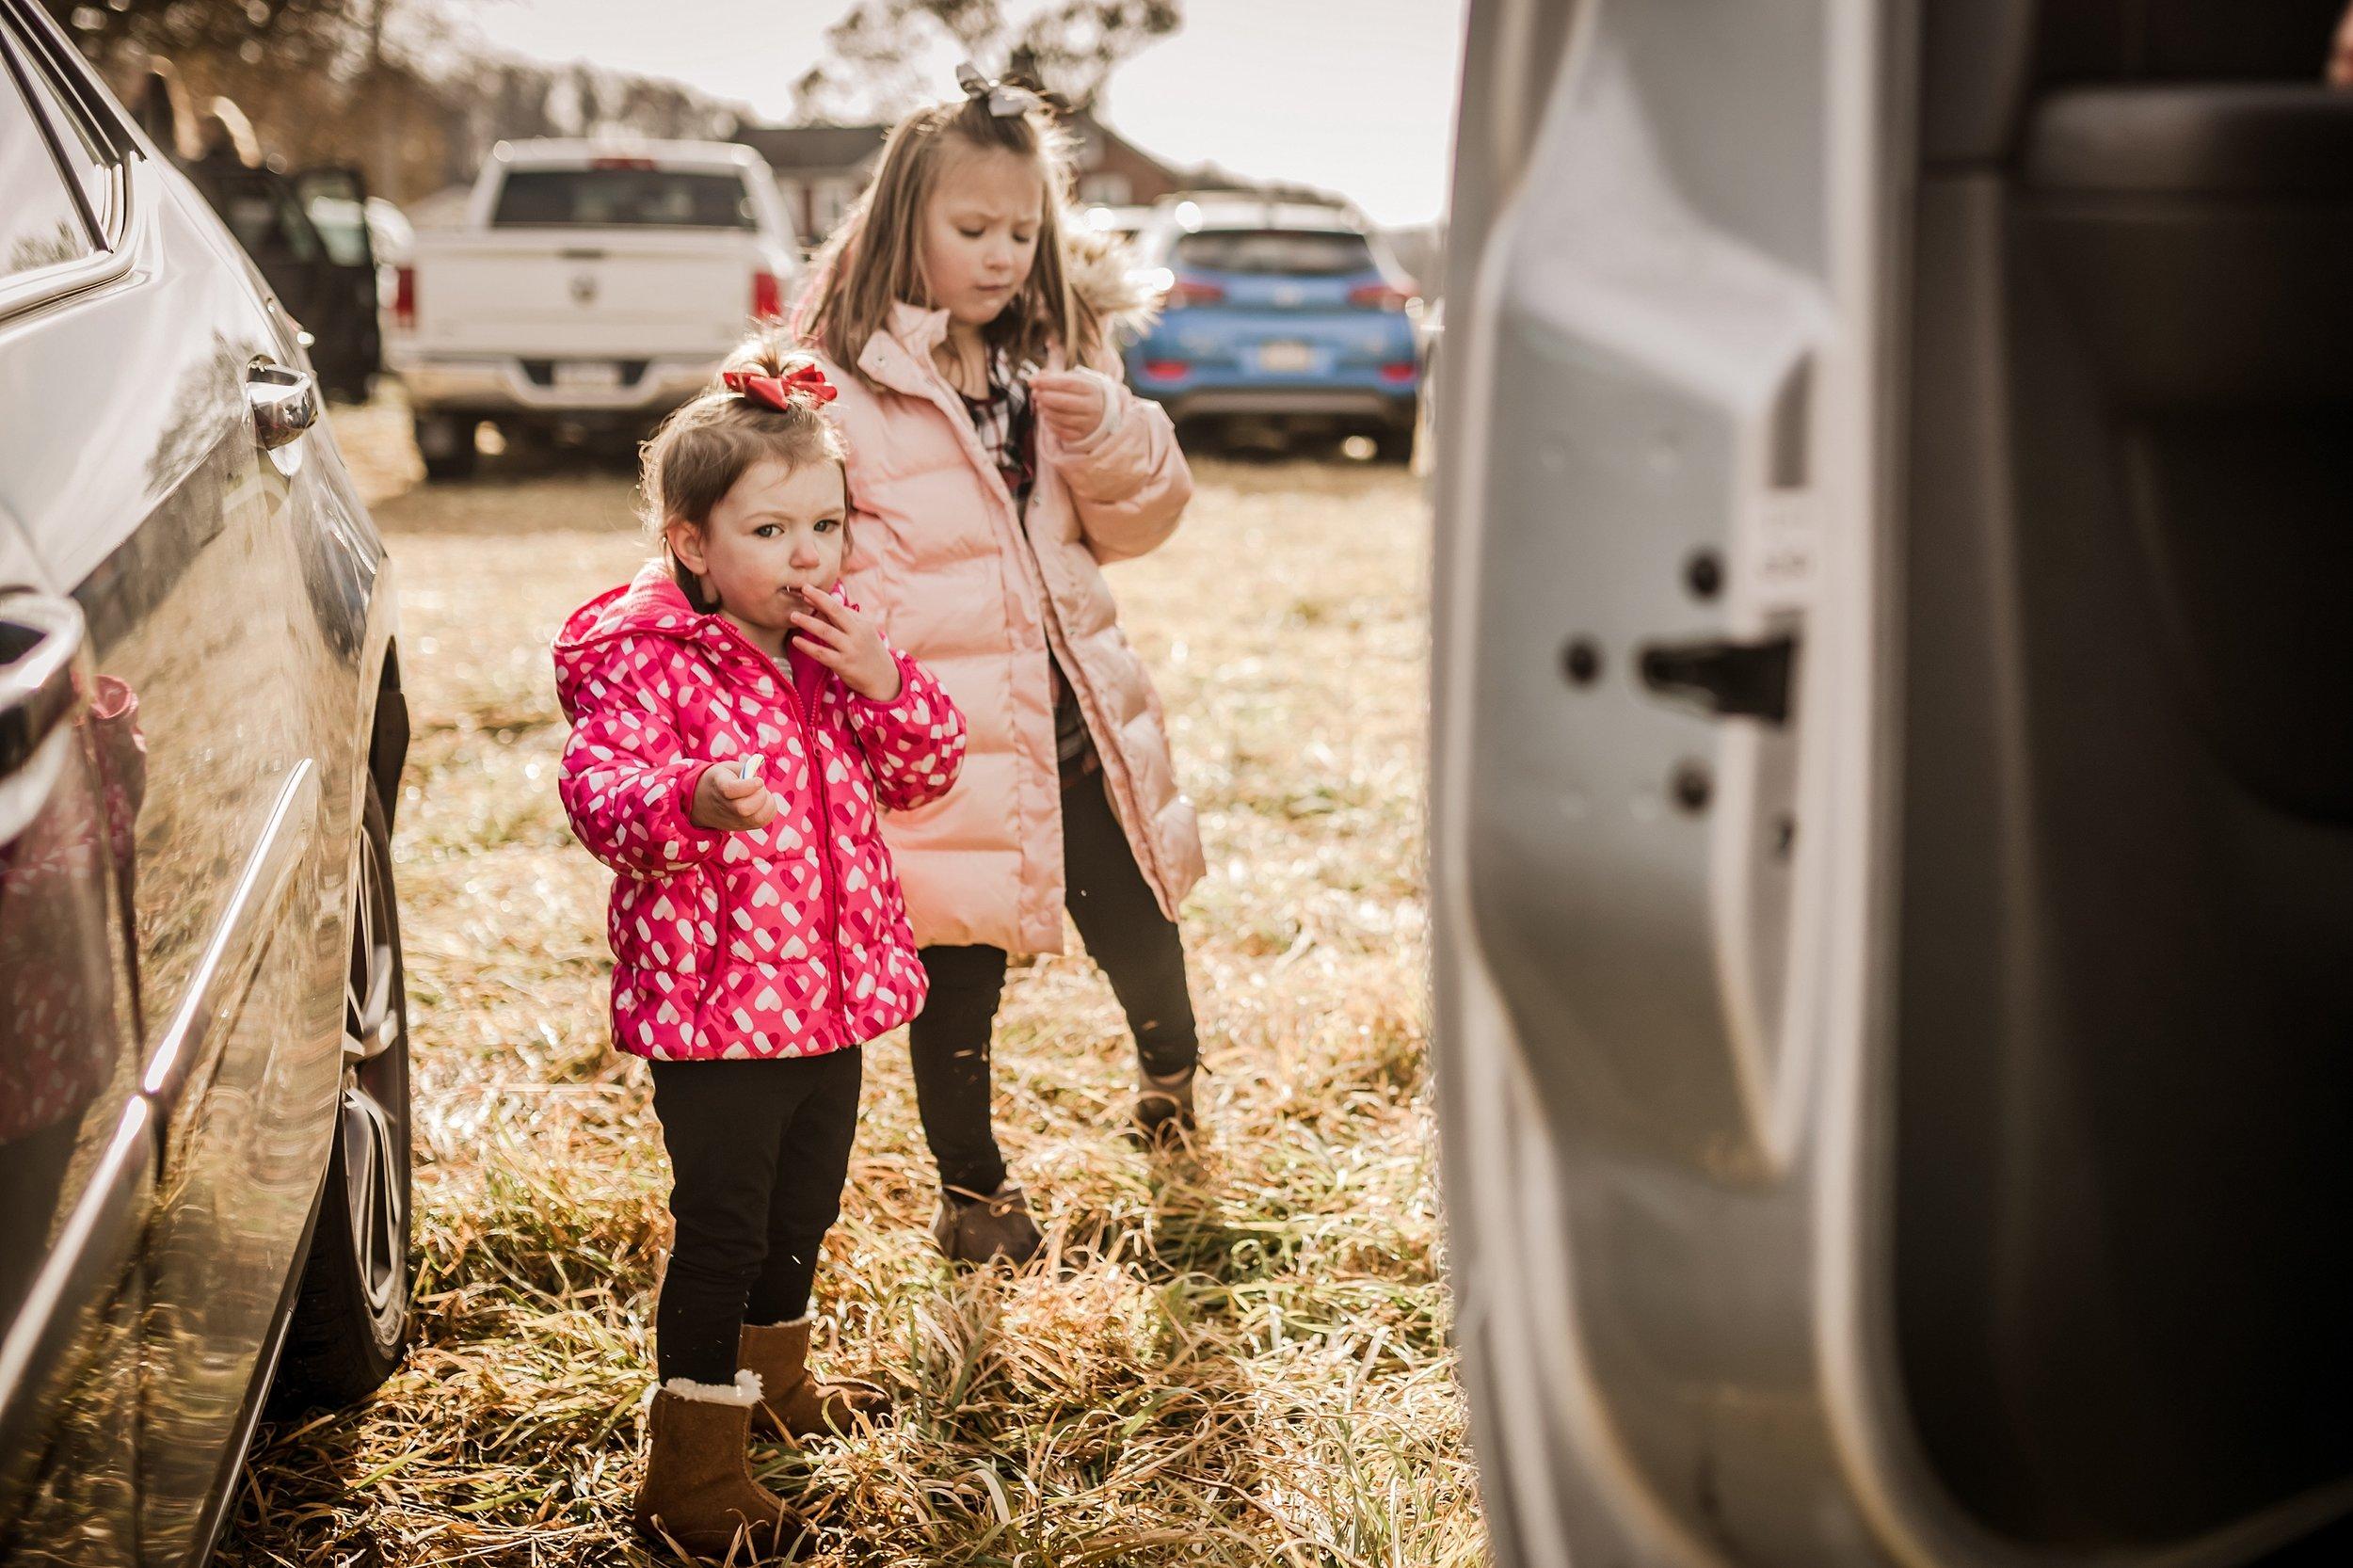 Lehigh-Valley-Documentary-Family-Photographer_0087.jpg